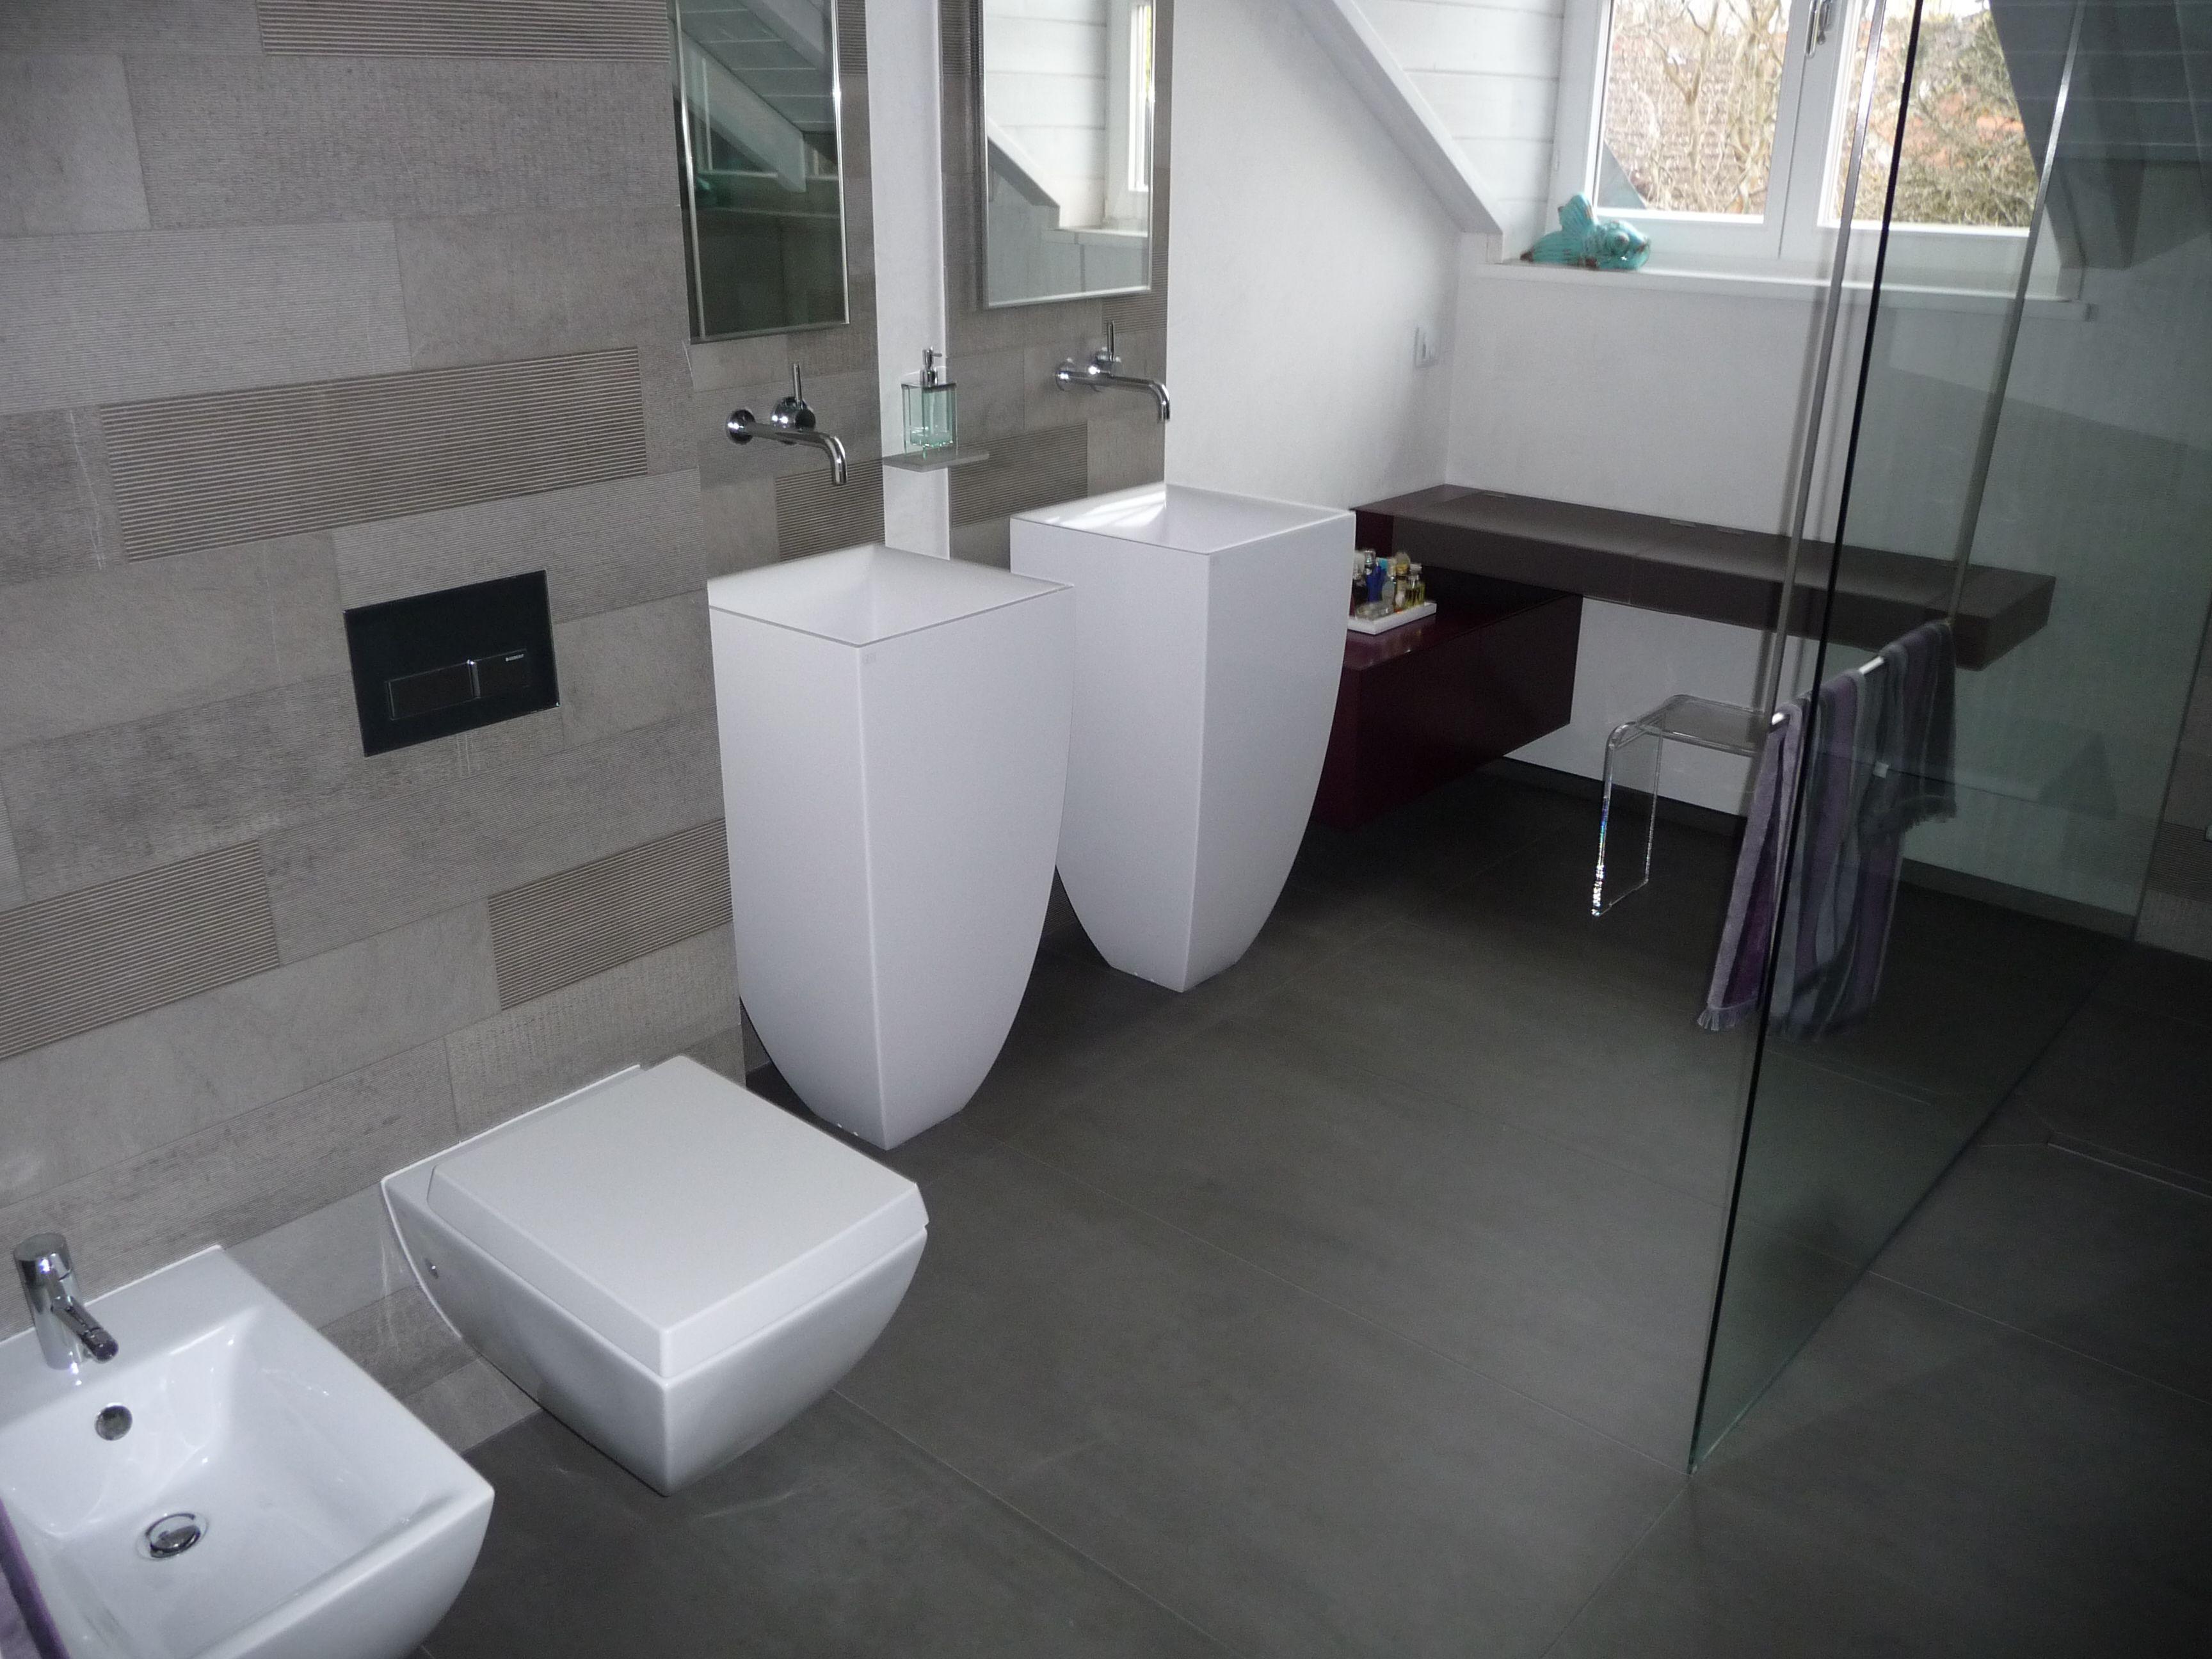 Waschbecken, Zwei, Badezimmer, Deutschland, Home Collections, Germany